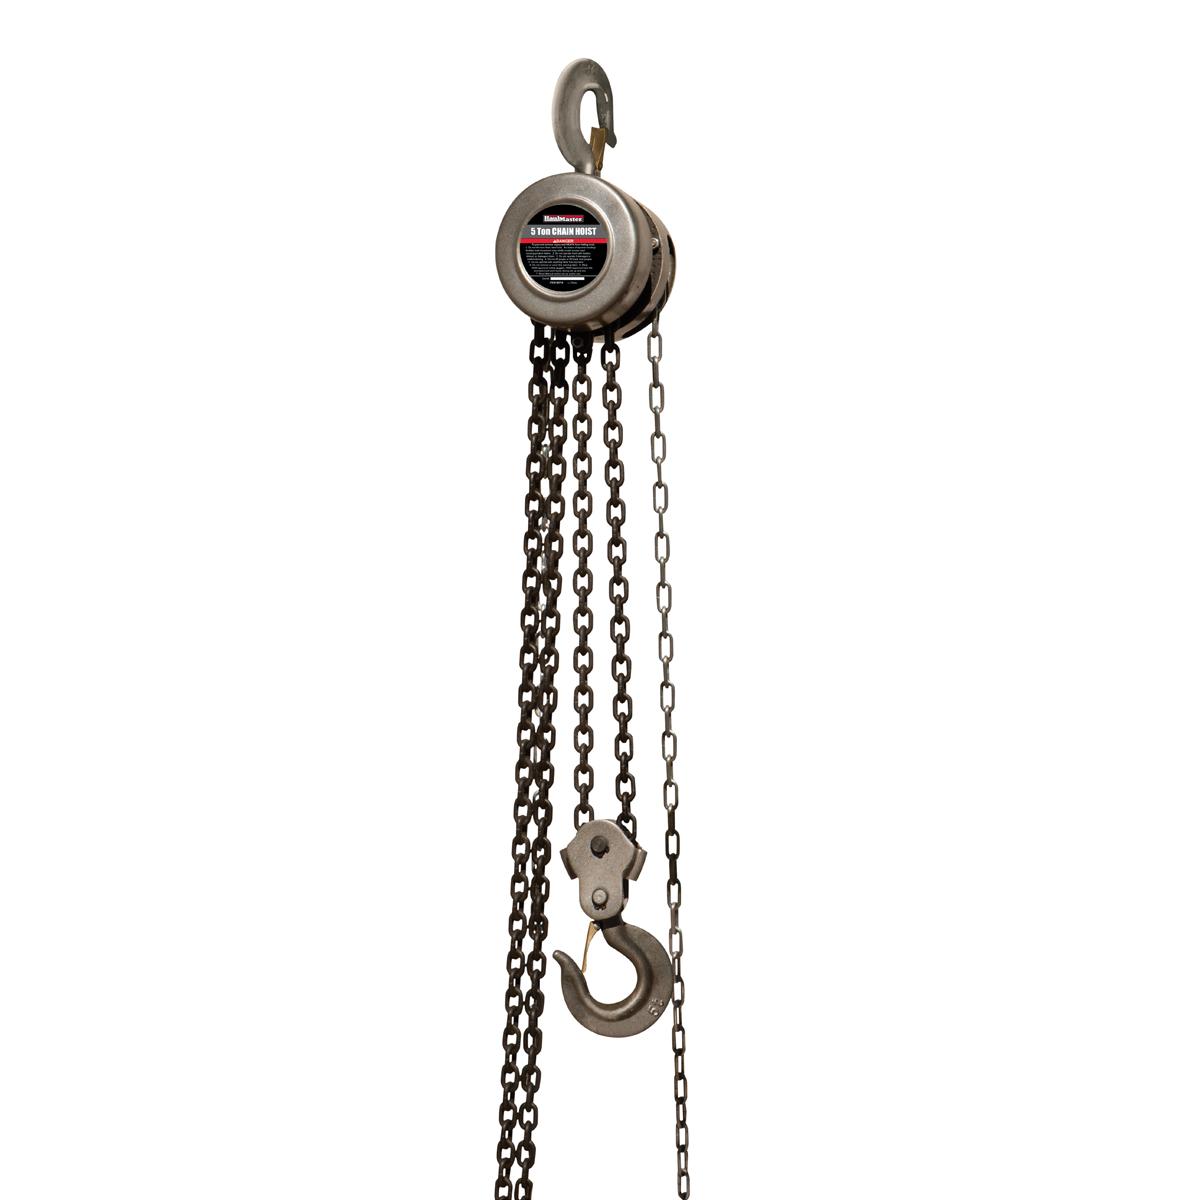 5 Ton Manual Chain Hoist